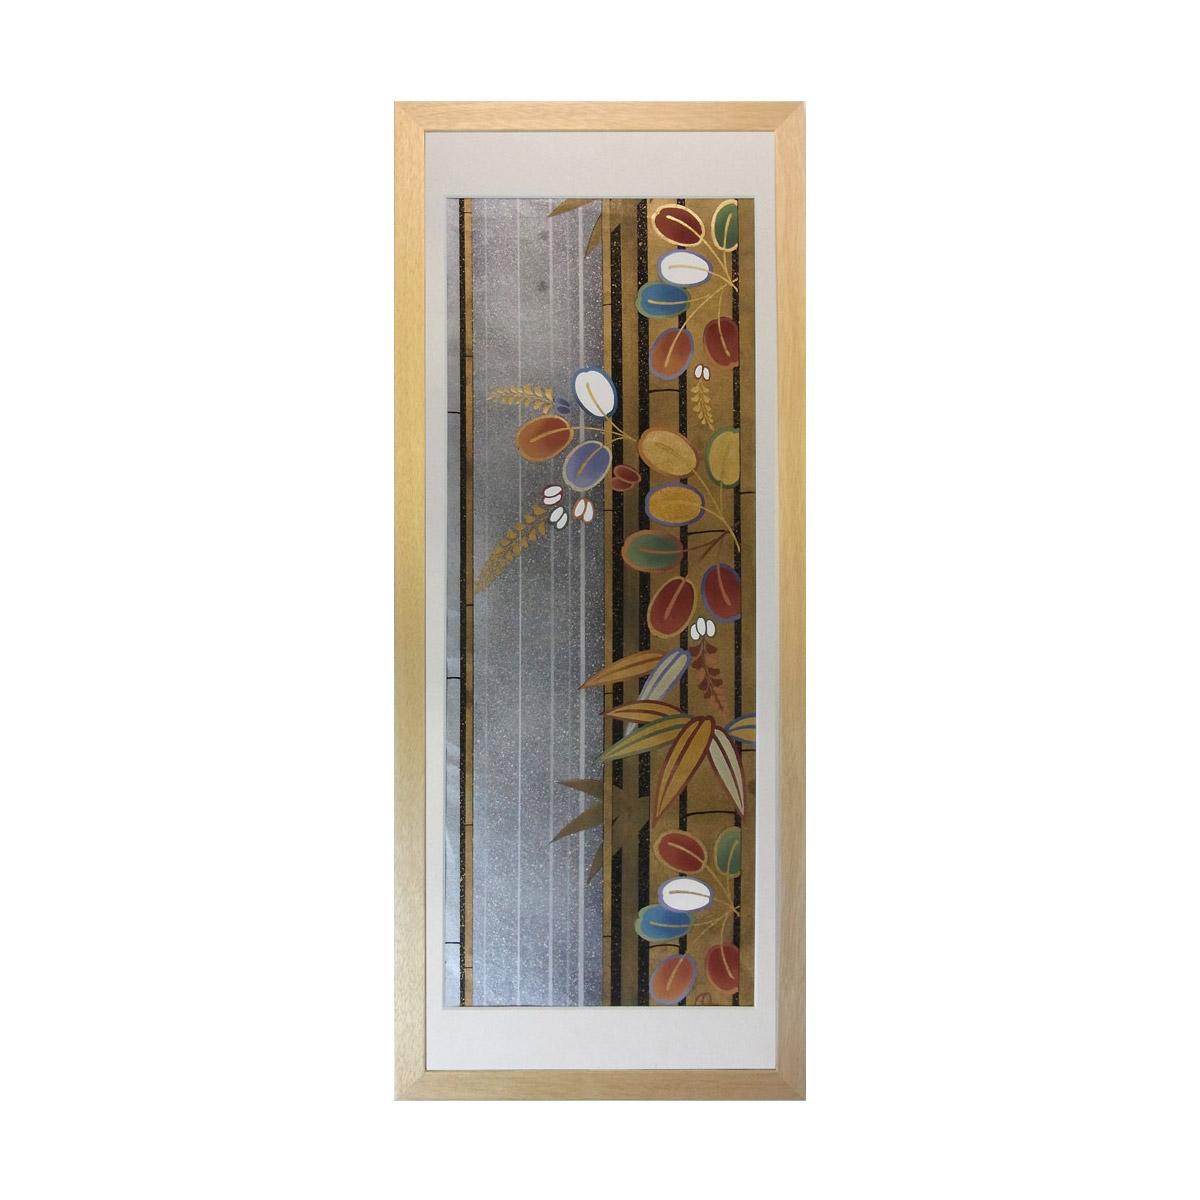 和風の額 壁掛インテリア 西陣織帯原画のアートフレーム 《30》